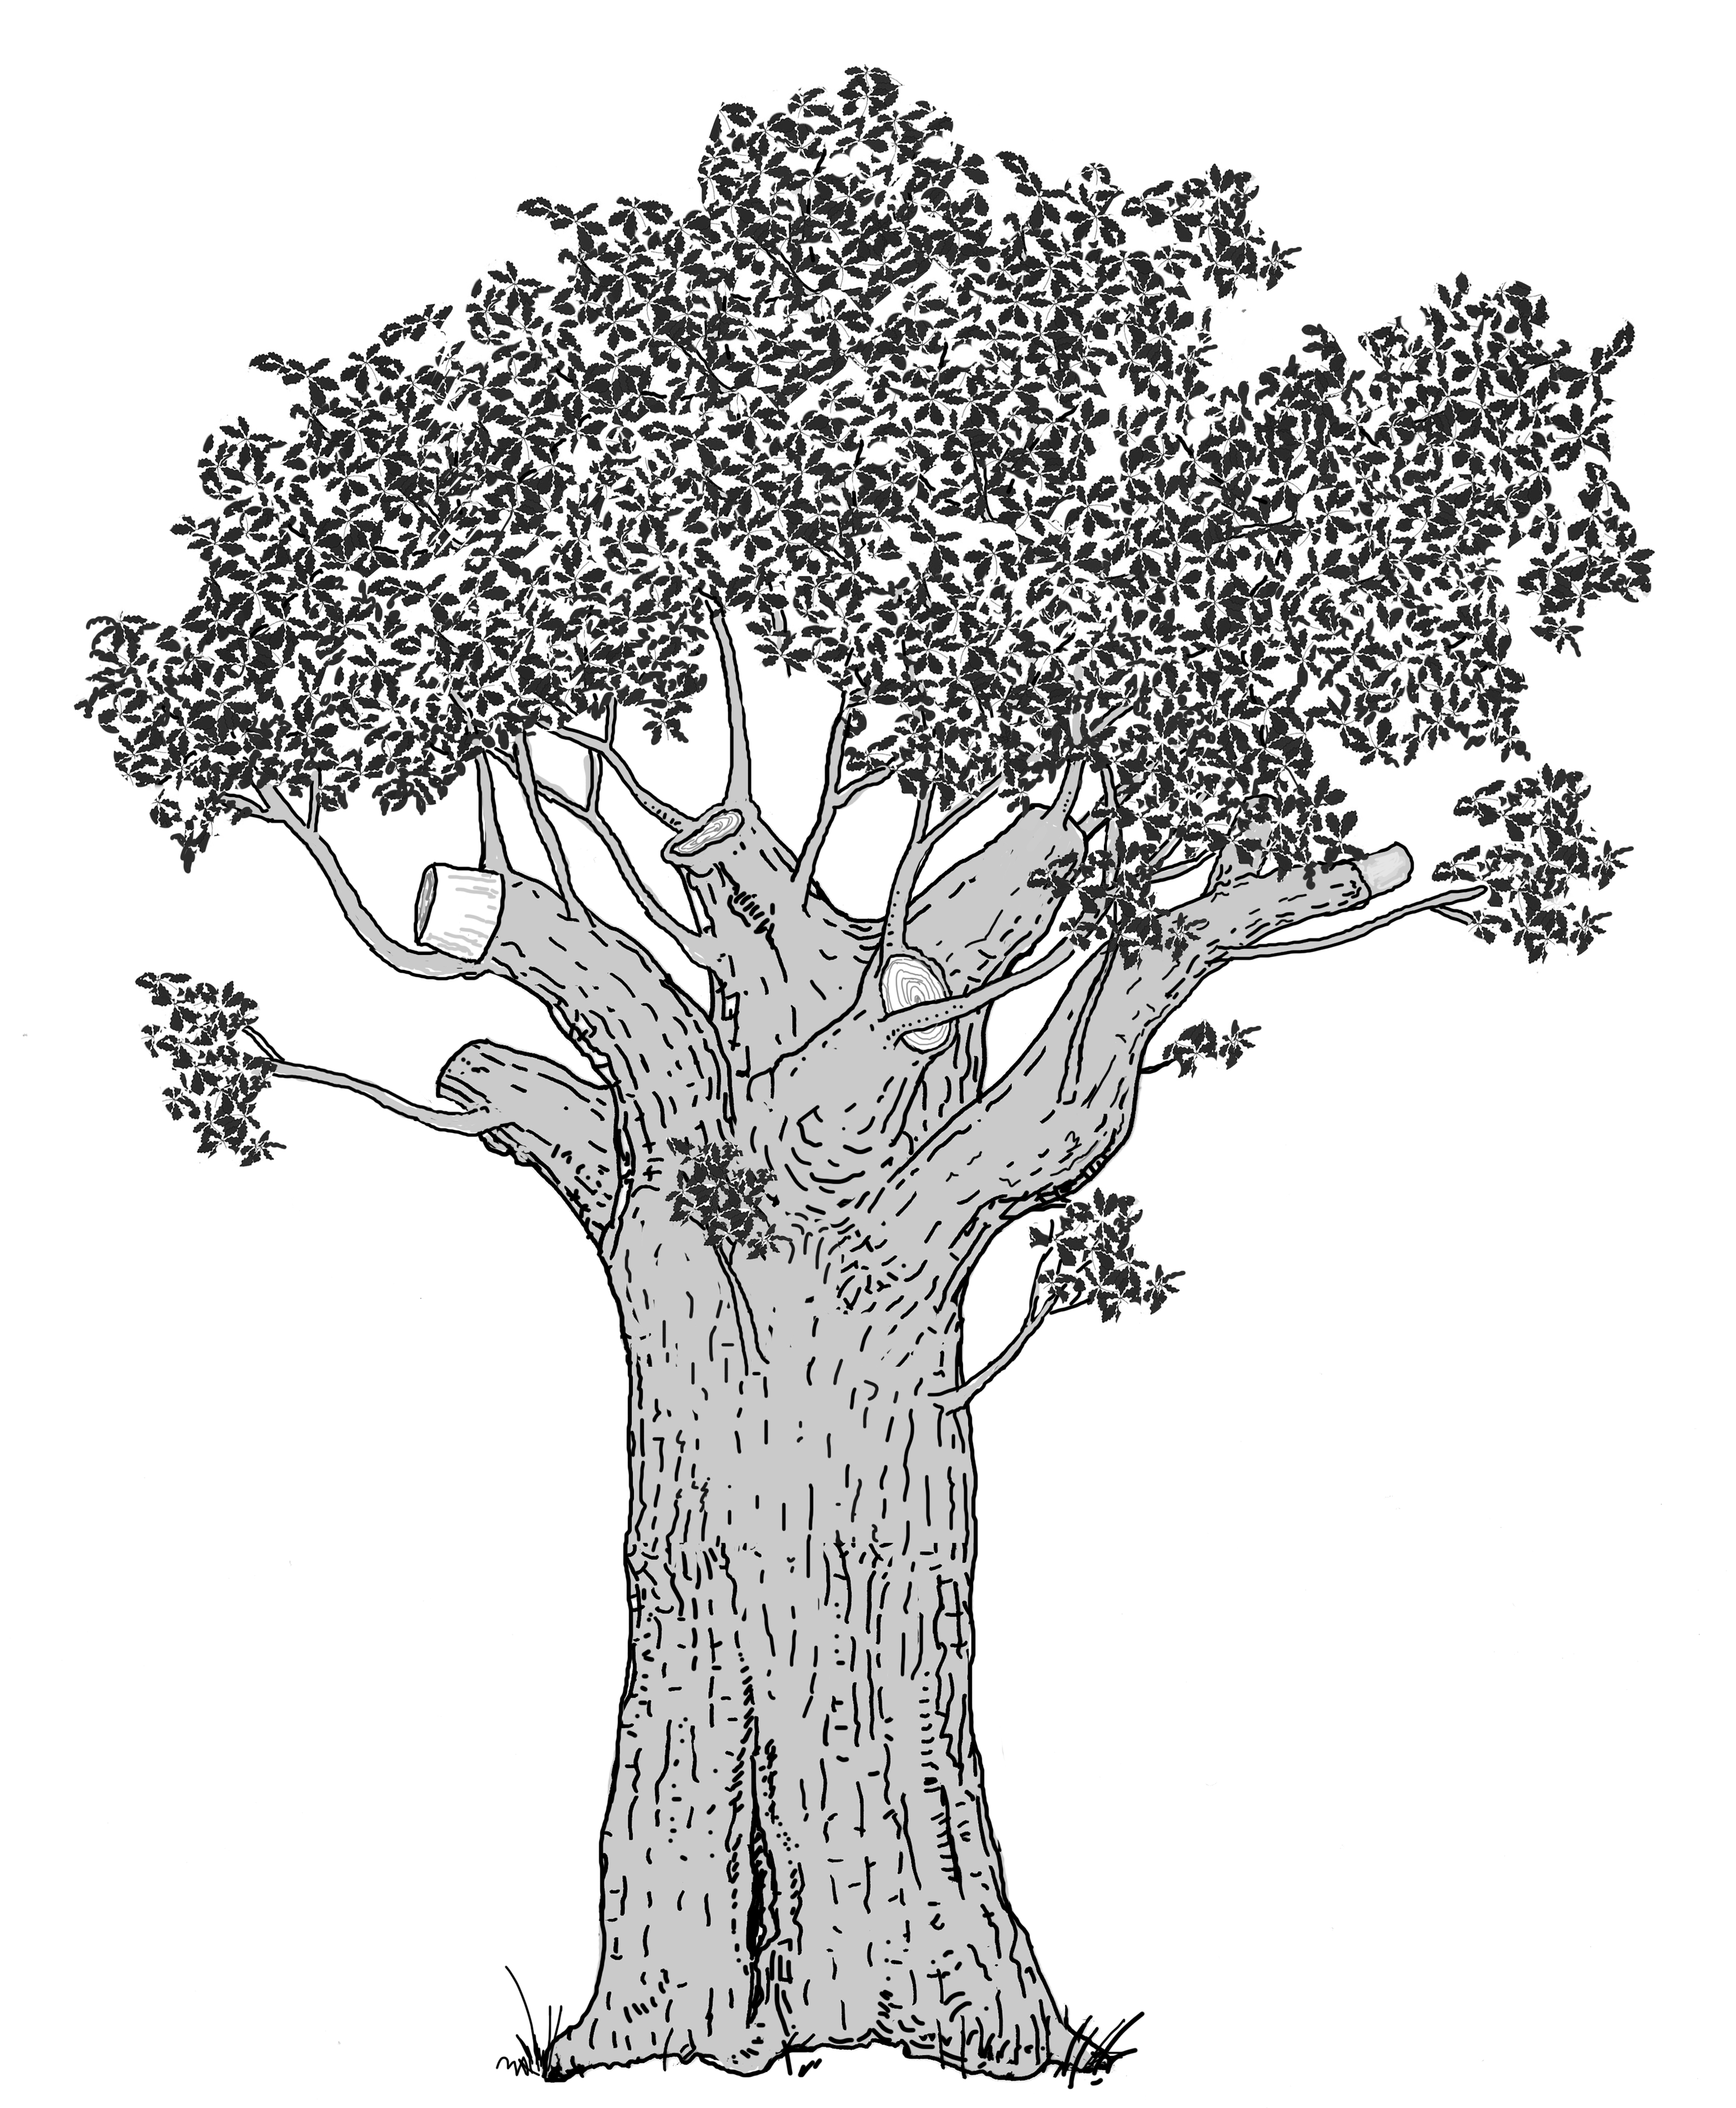 Ersatzkronenbaum durch Schnitt. Zeichnung W. Roloff